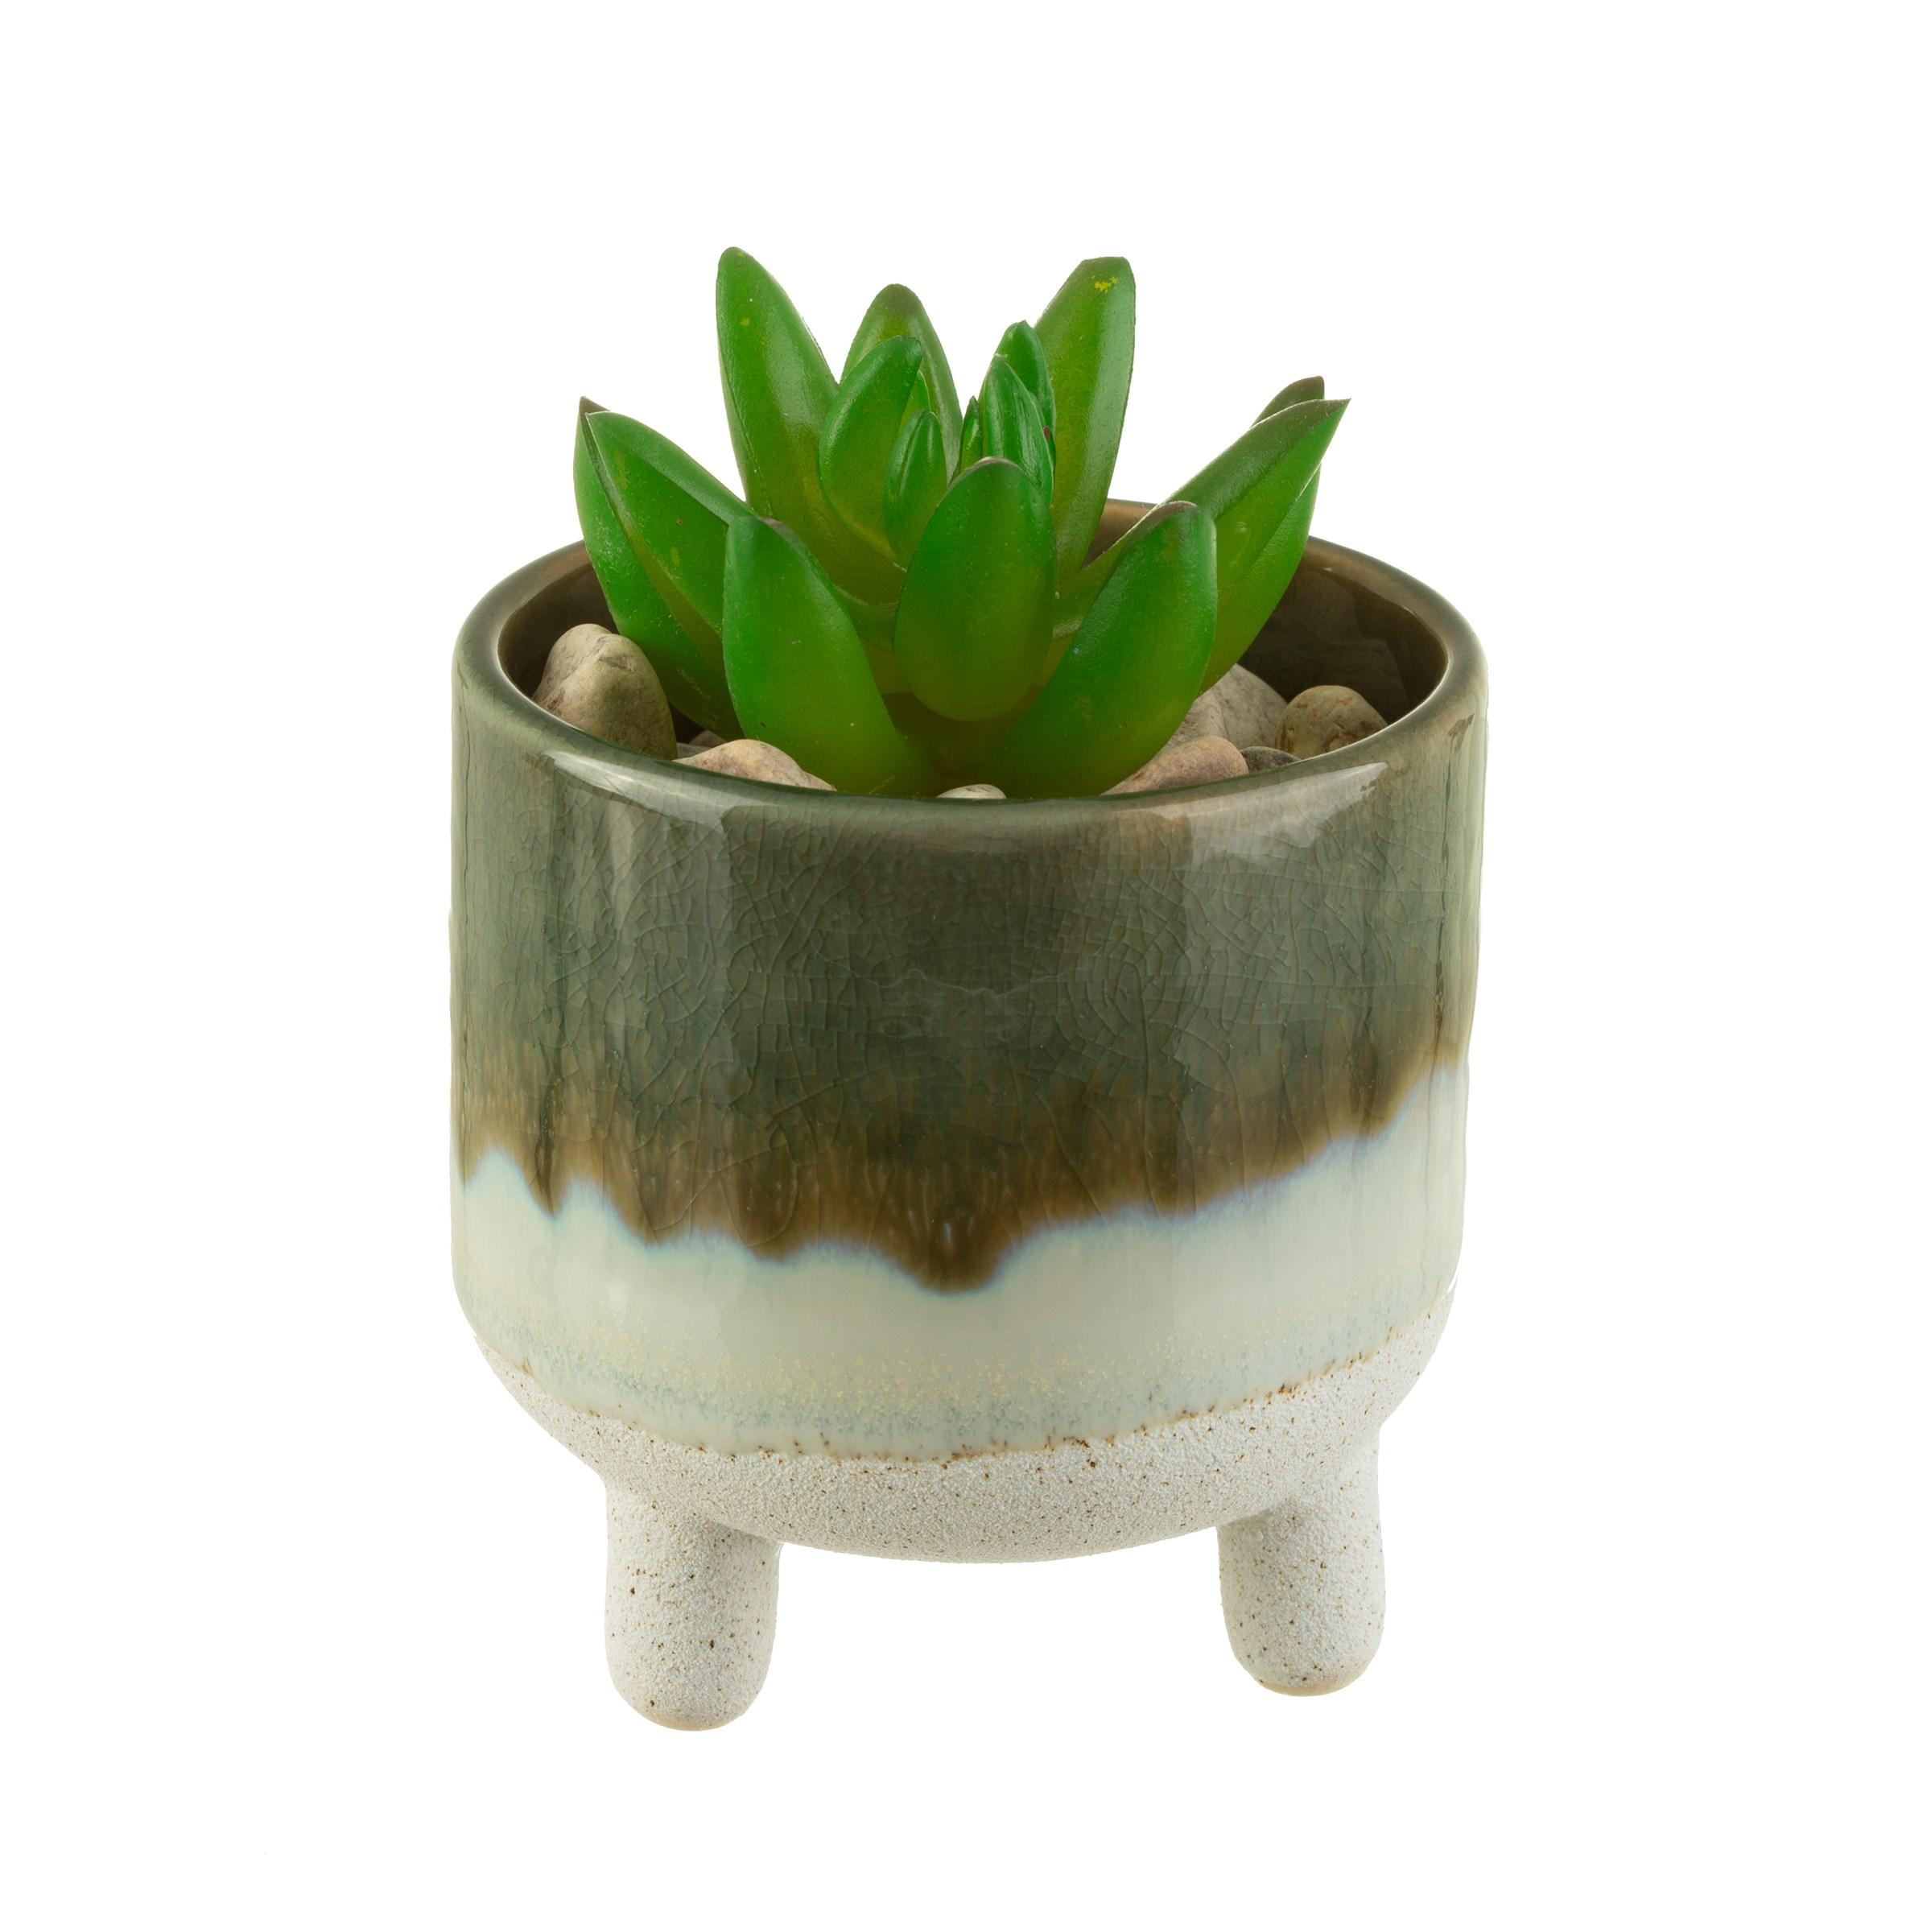 Sass Belle bloempot Mojave glaze green planter groen op pootjes